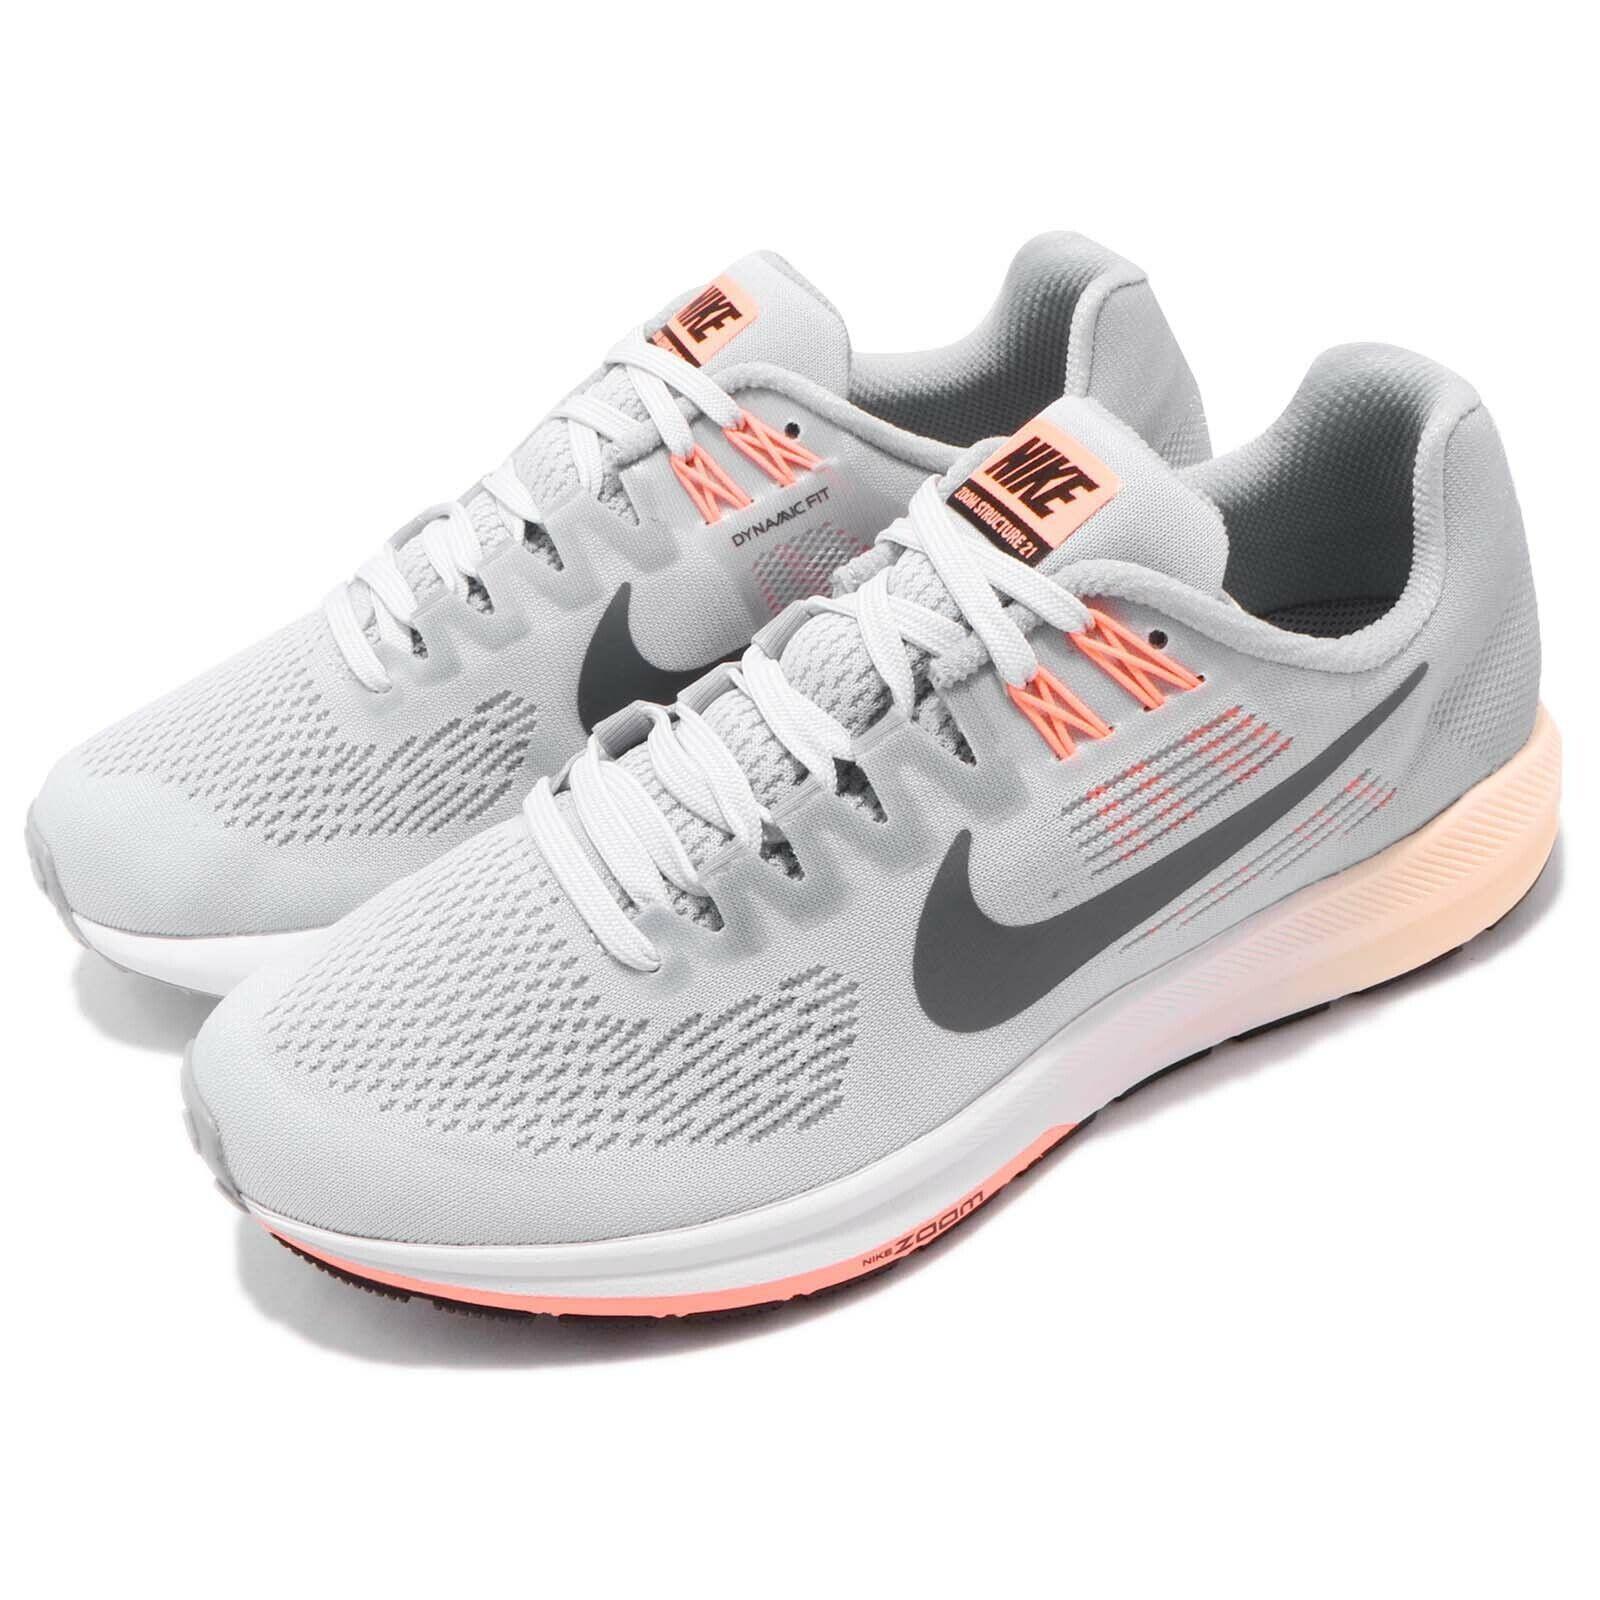 Nike Mujeres Air Zoom estructura 21 gris Lobo Lobo Lobo Mujeres Zapatos Tenis Para Correr 904701-008 99a67a